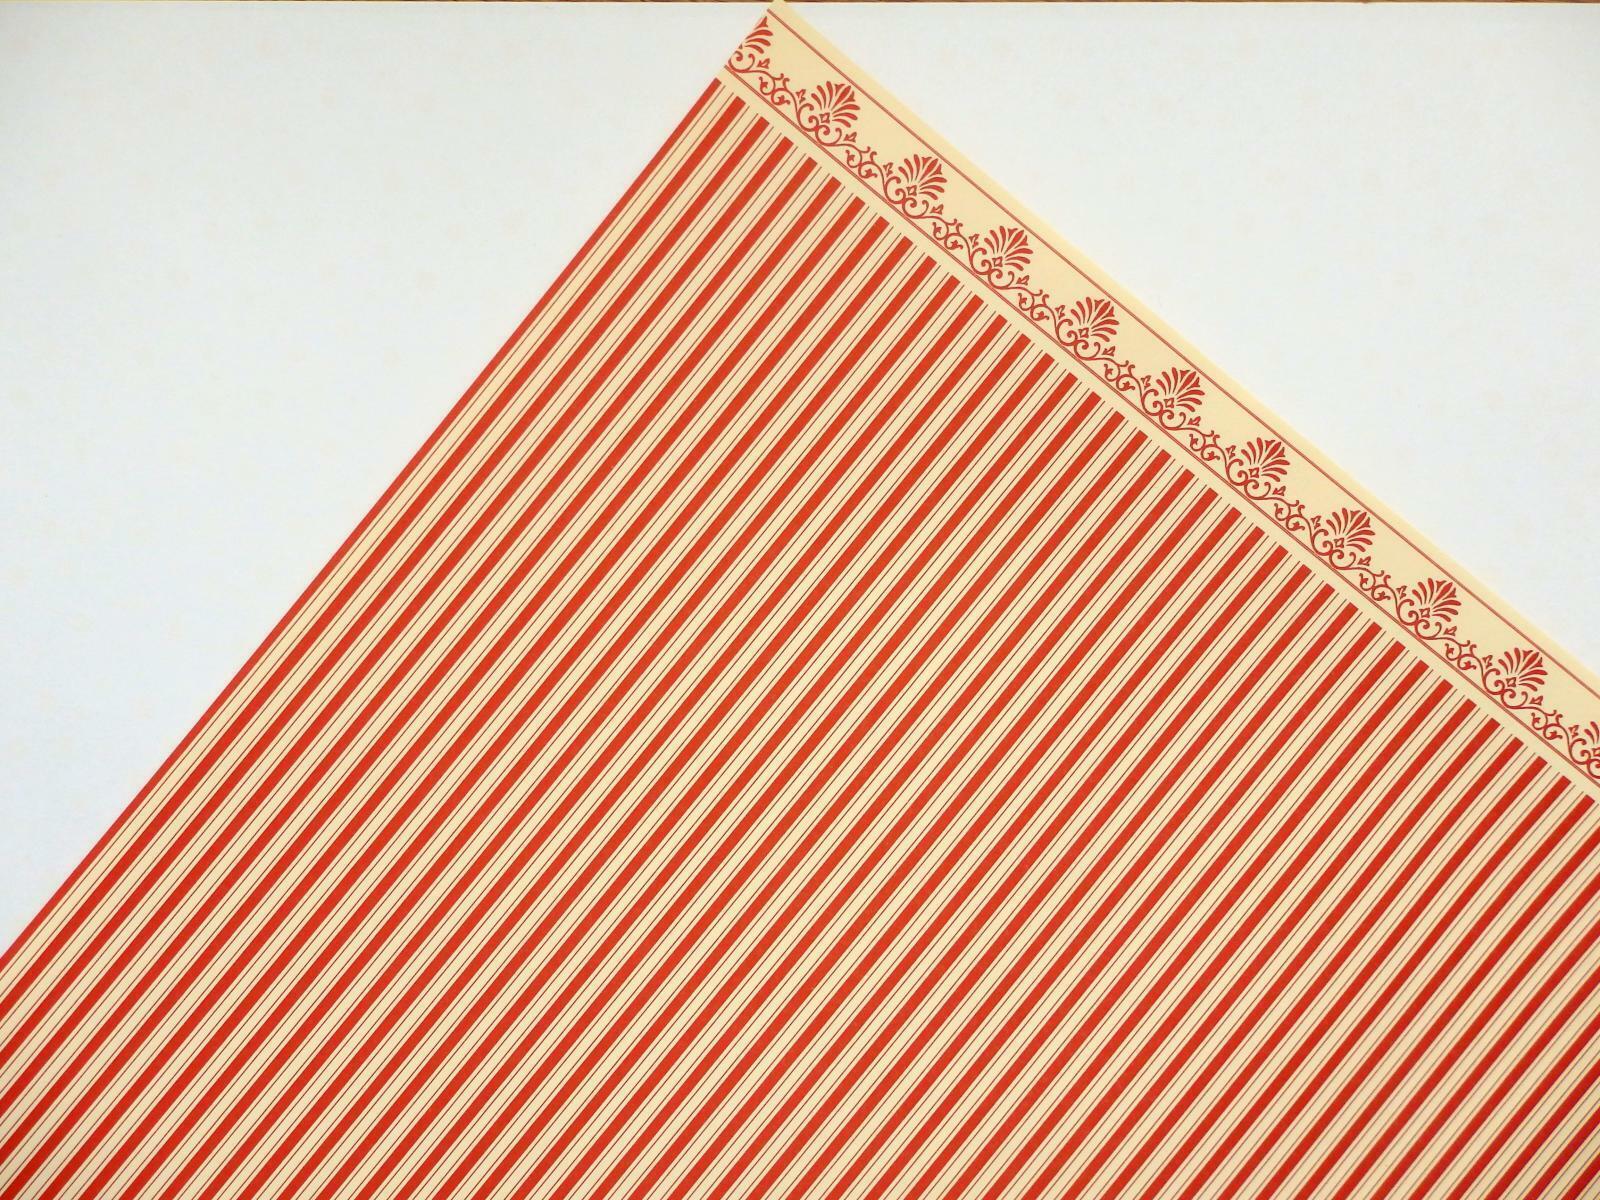 Melody Jane Casas de Muñecas Rojo En Crema Windsor raya imprimir en Miniatura Wallpaper